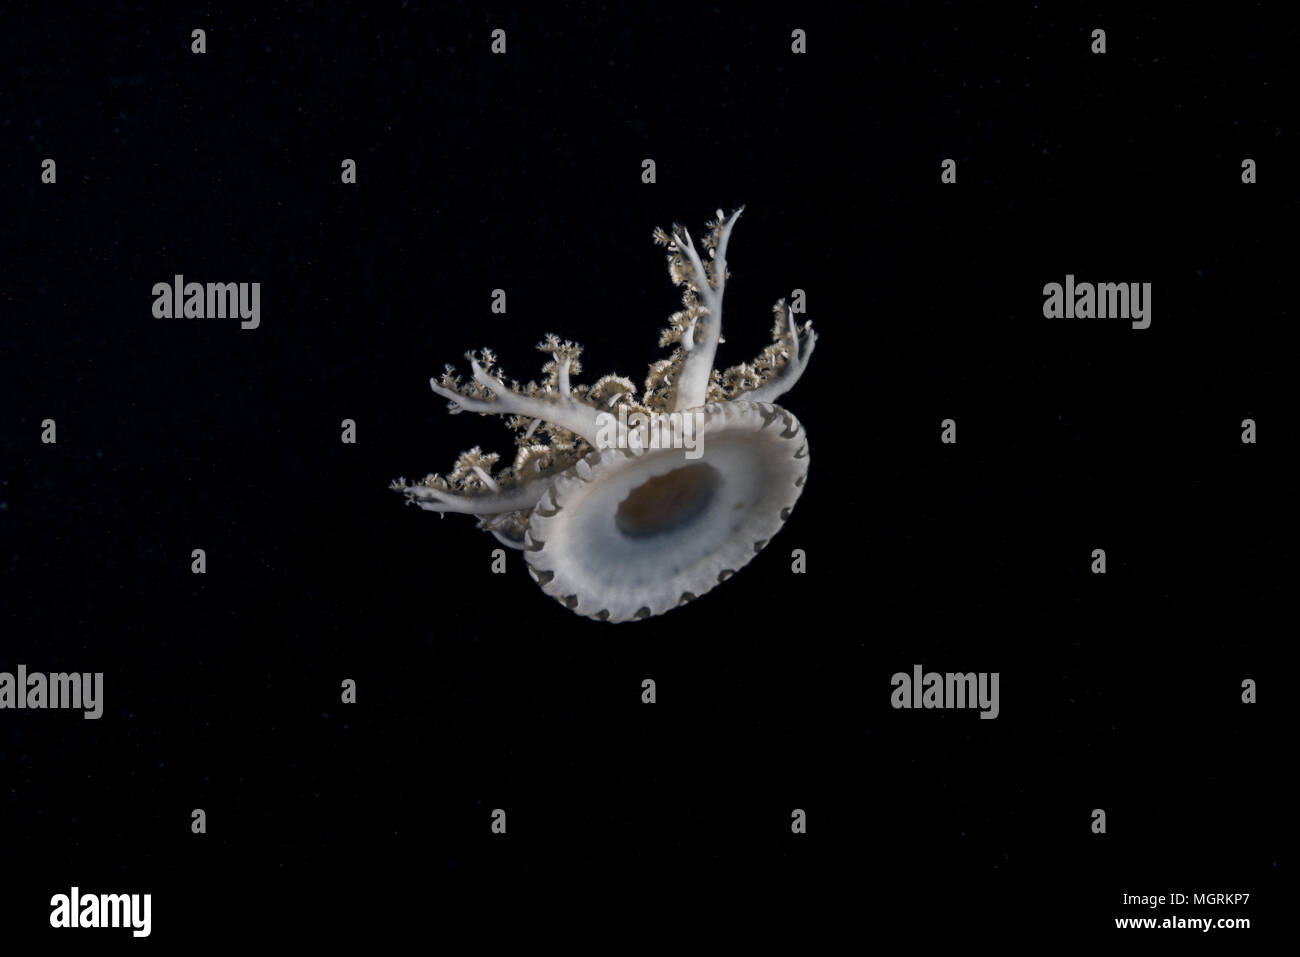 Kopfüber Quallen (Cassiopea Andromeda) in der Nacht Stockbild